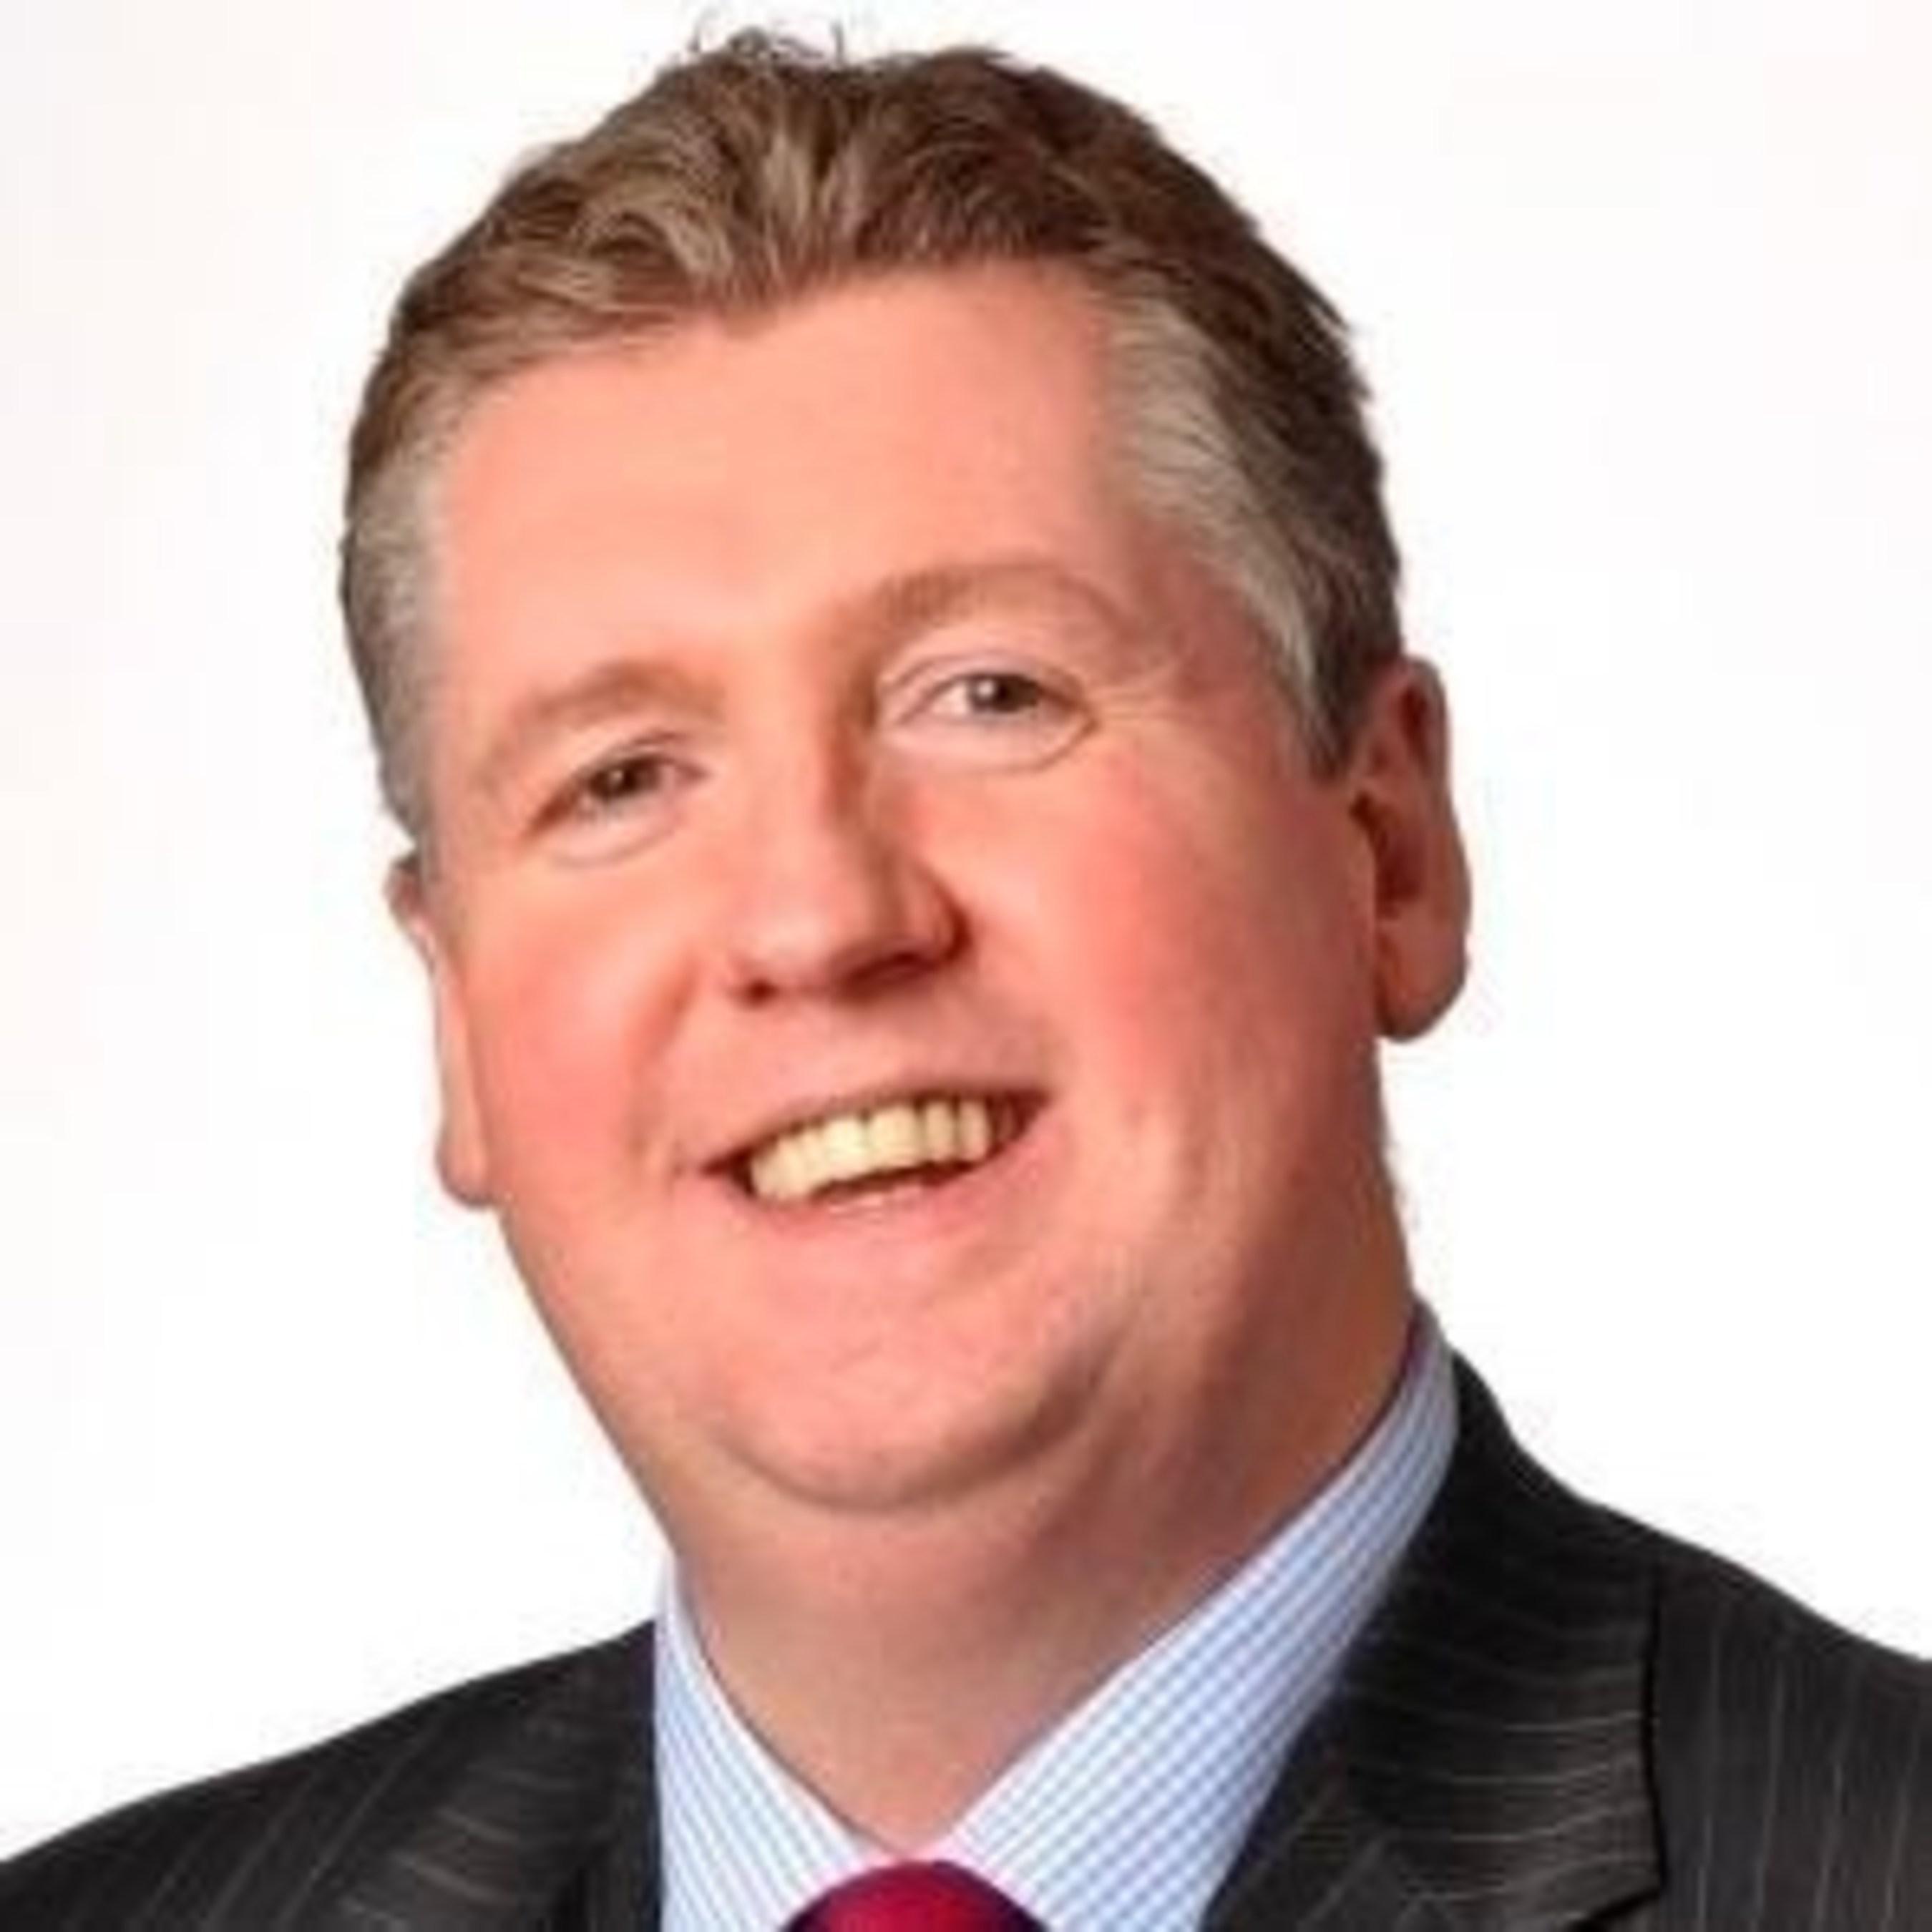 Tufin ernennt neuen Vice President für den Vertrieb im EMEA-Raum